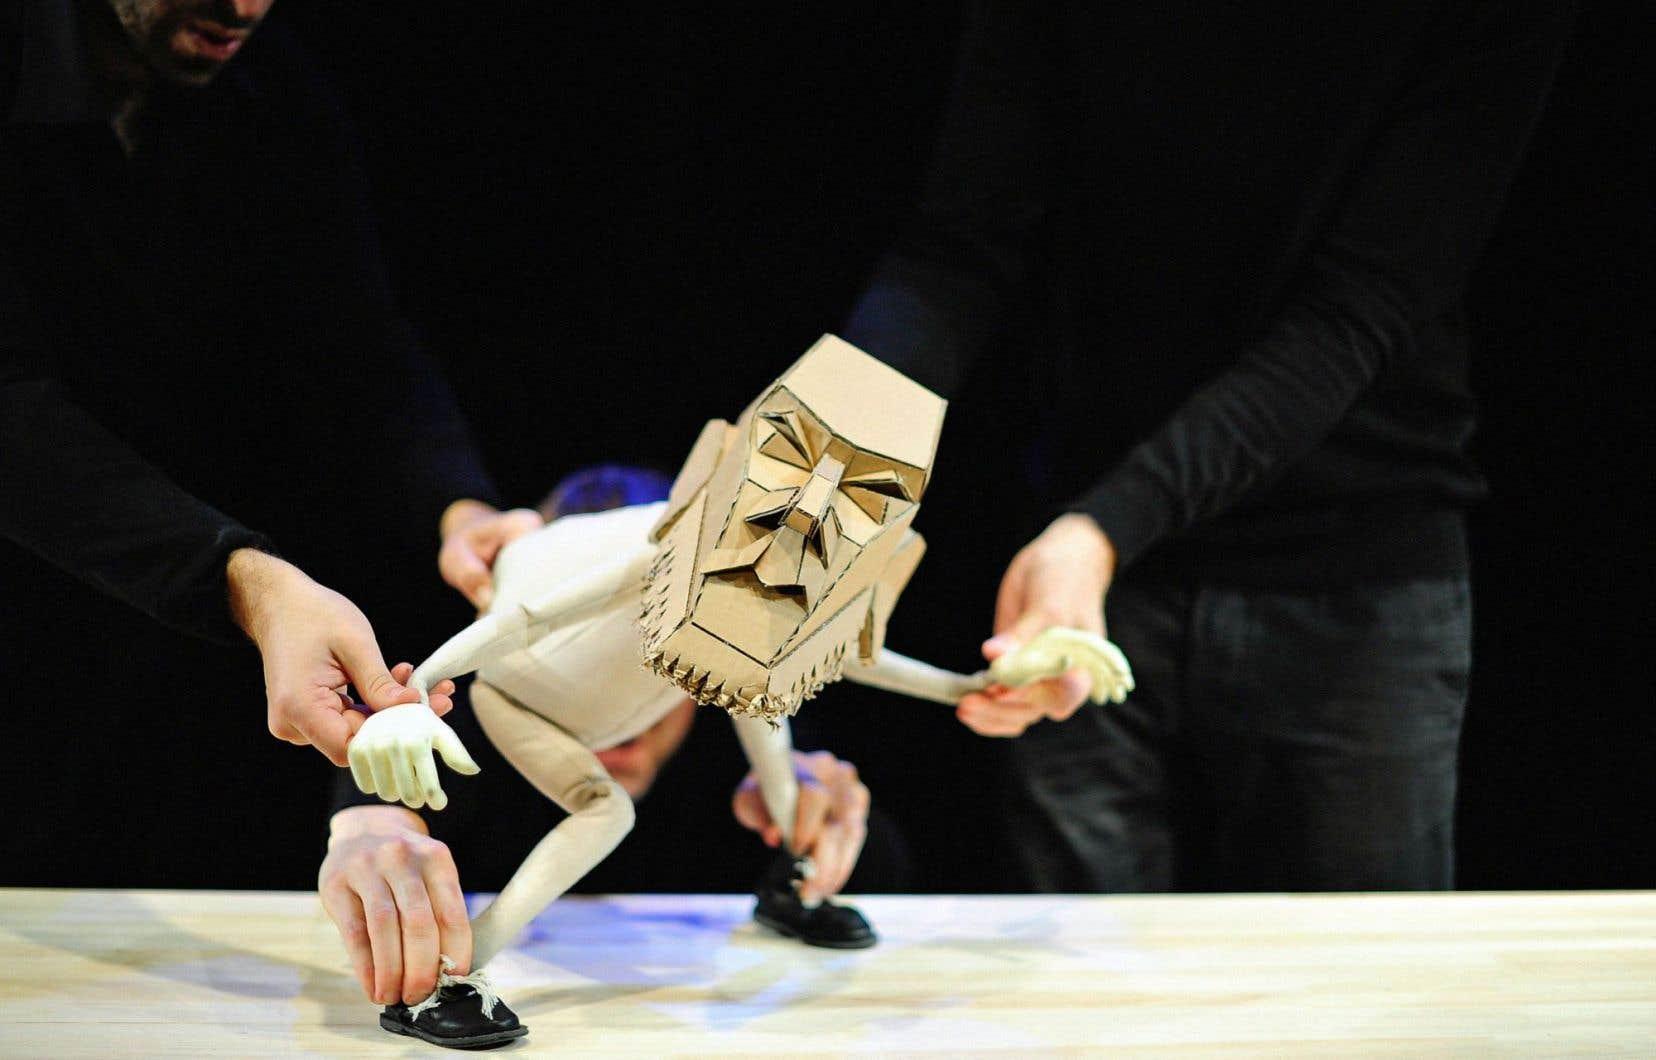 Le Blind Summit Theatre d'Angleterre présentera «The Table», qui met en scène un Moïse en pleine crise manipulé selon la technique du bunraku.